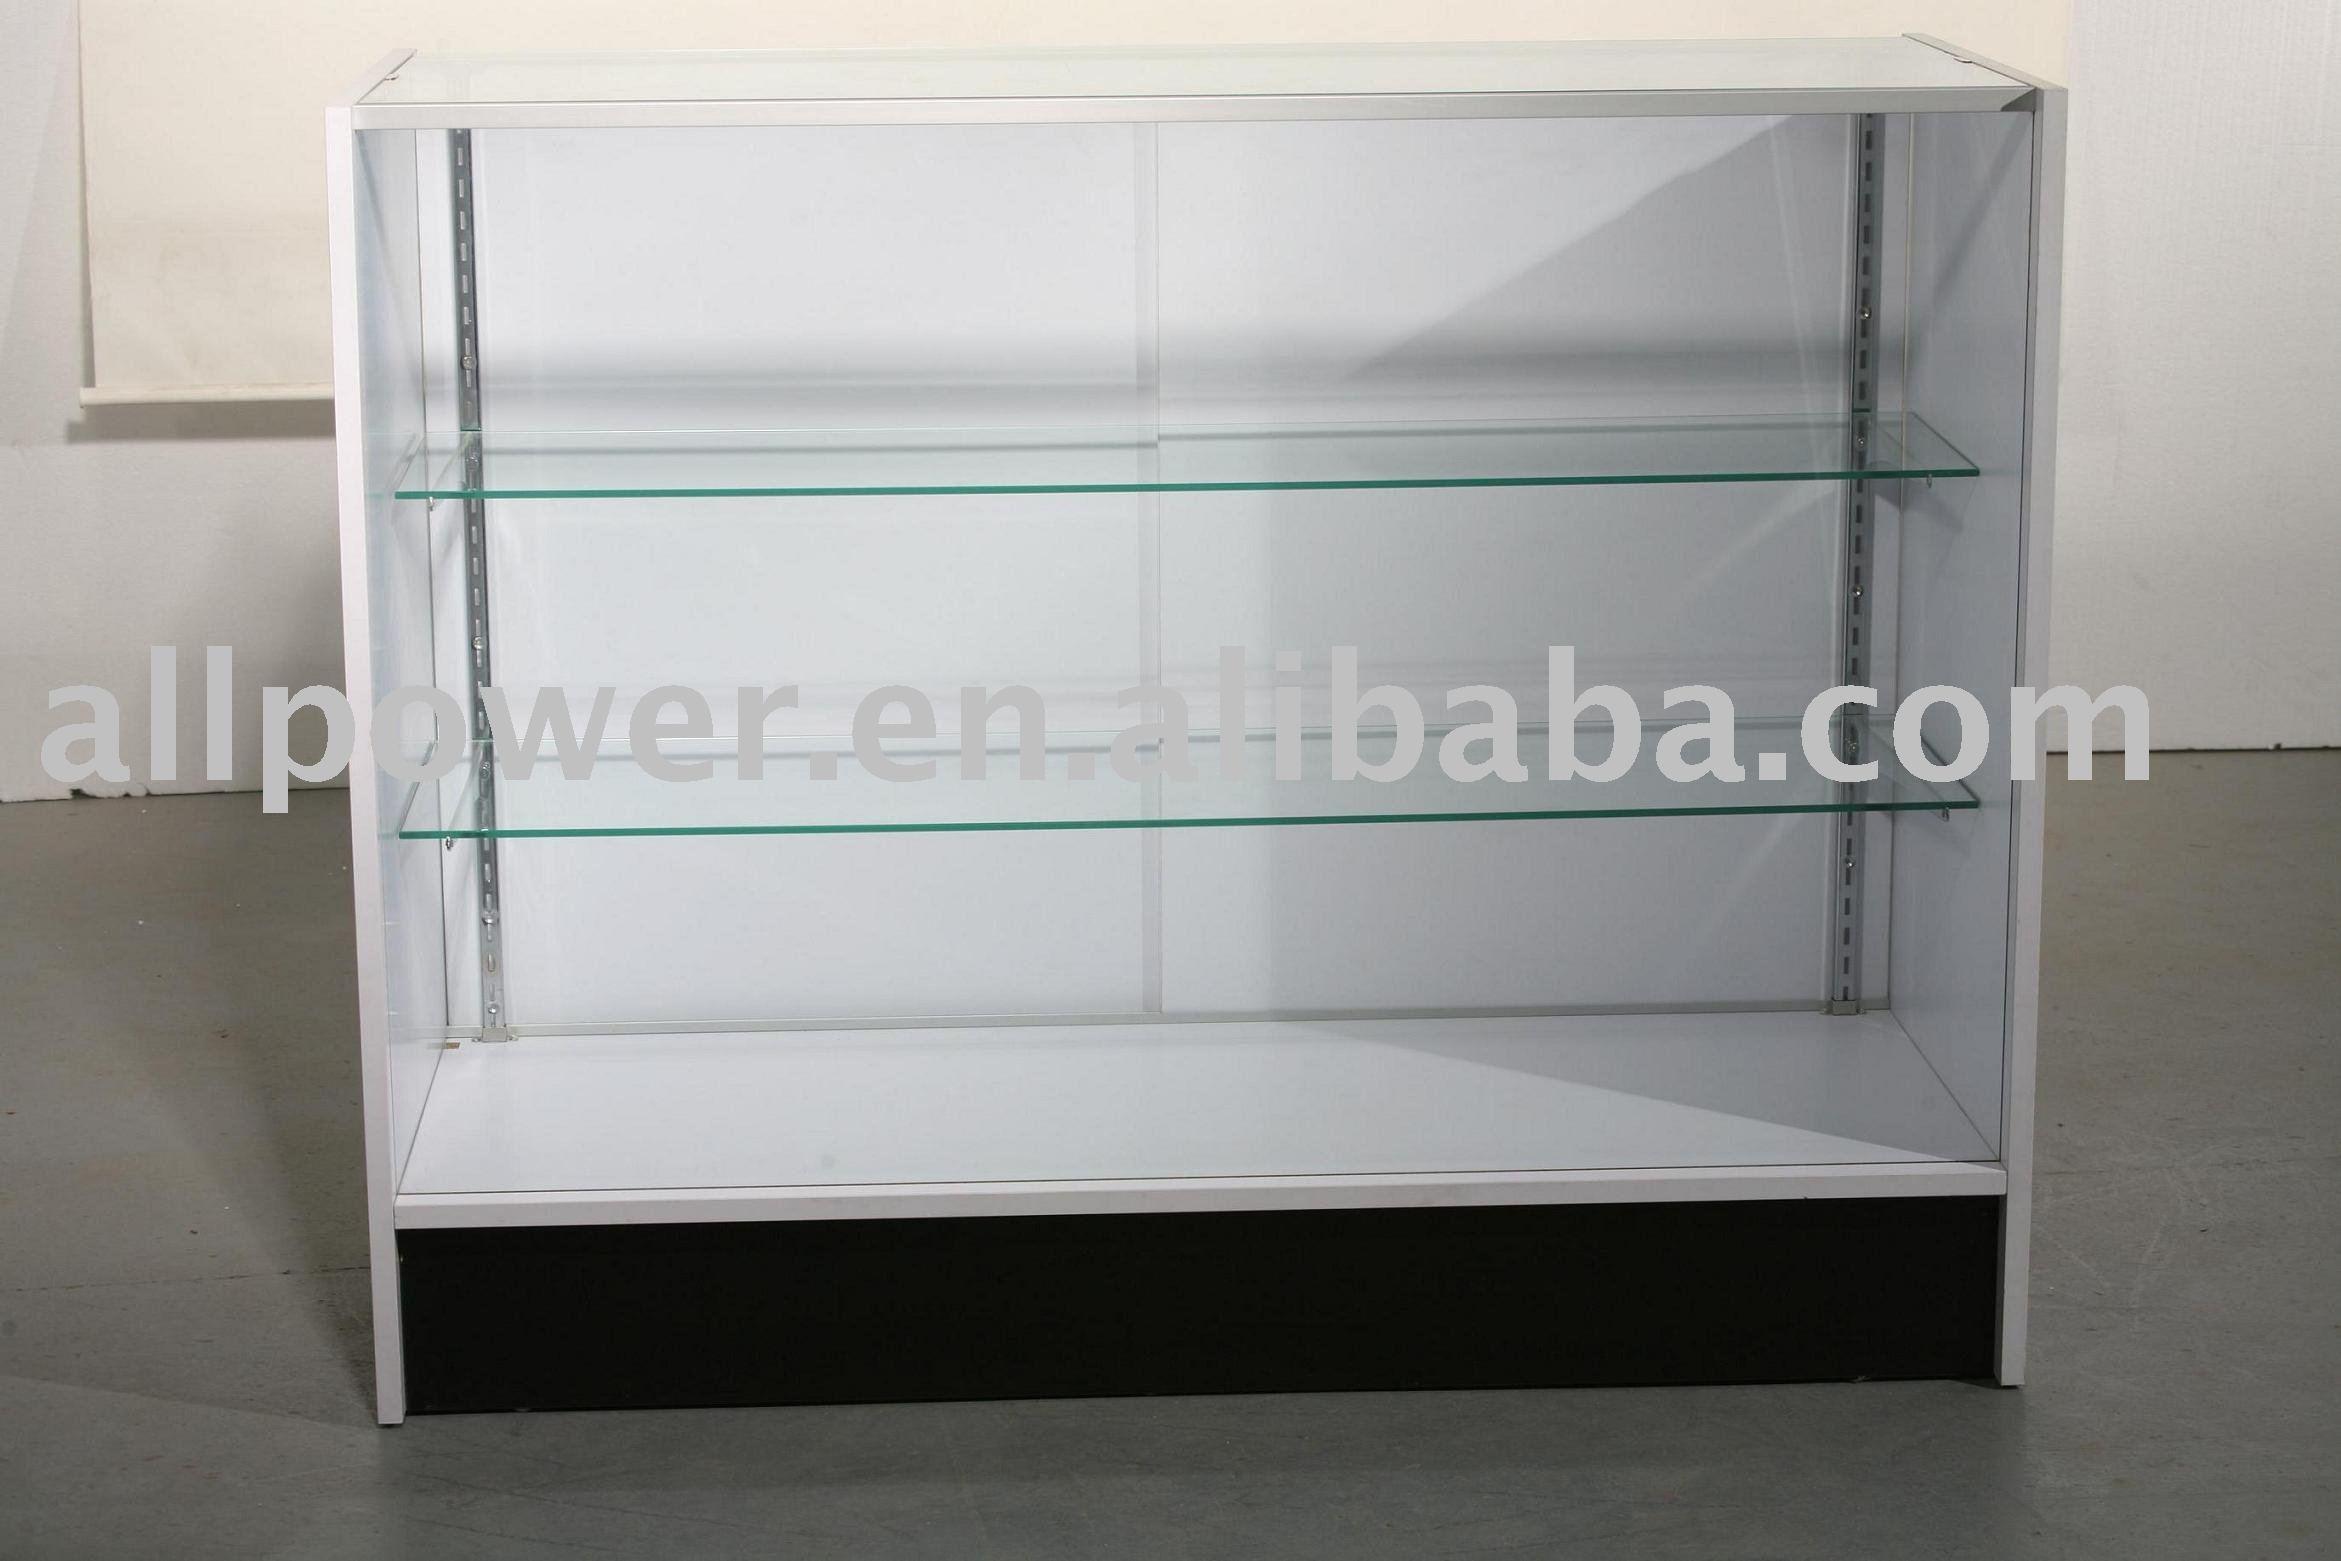 Balcão de madeira com prateleiras de vidro ( BCT3W4 ) Mostruários ID  #4D6460 2341x1561